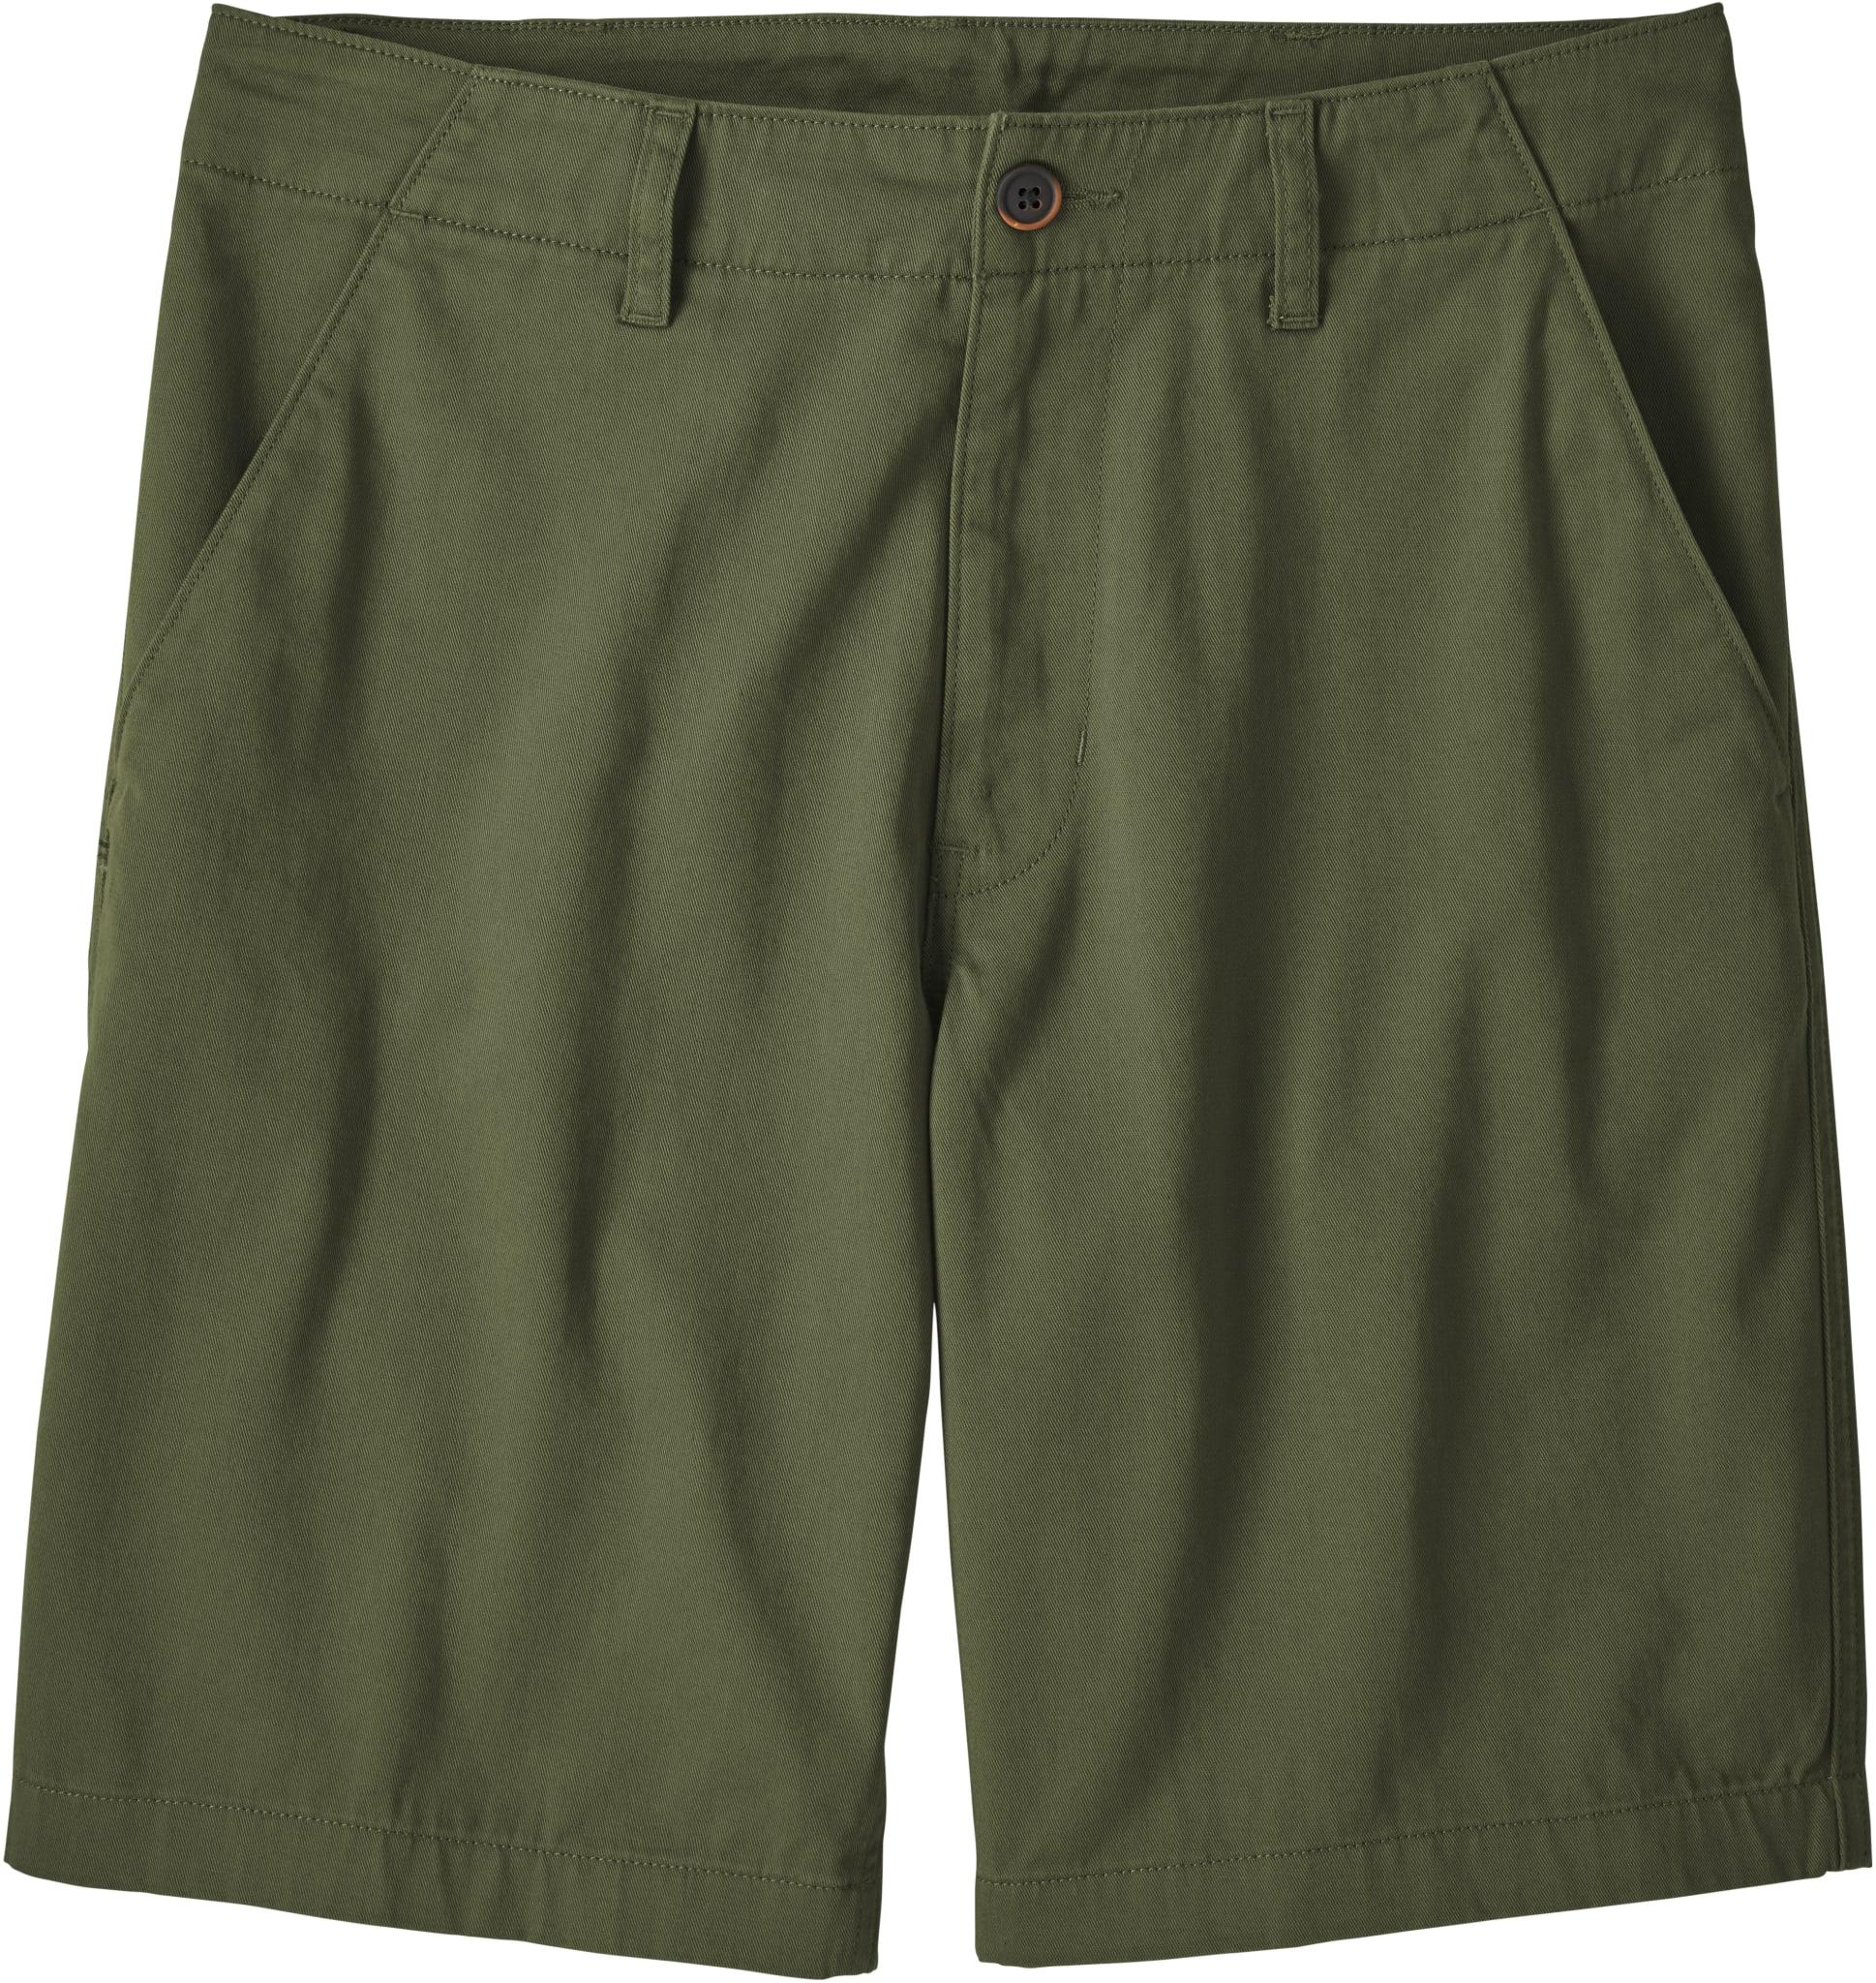 Behagelig og stilig shorts laget i organisk bomull